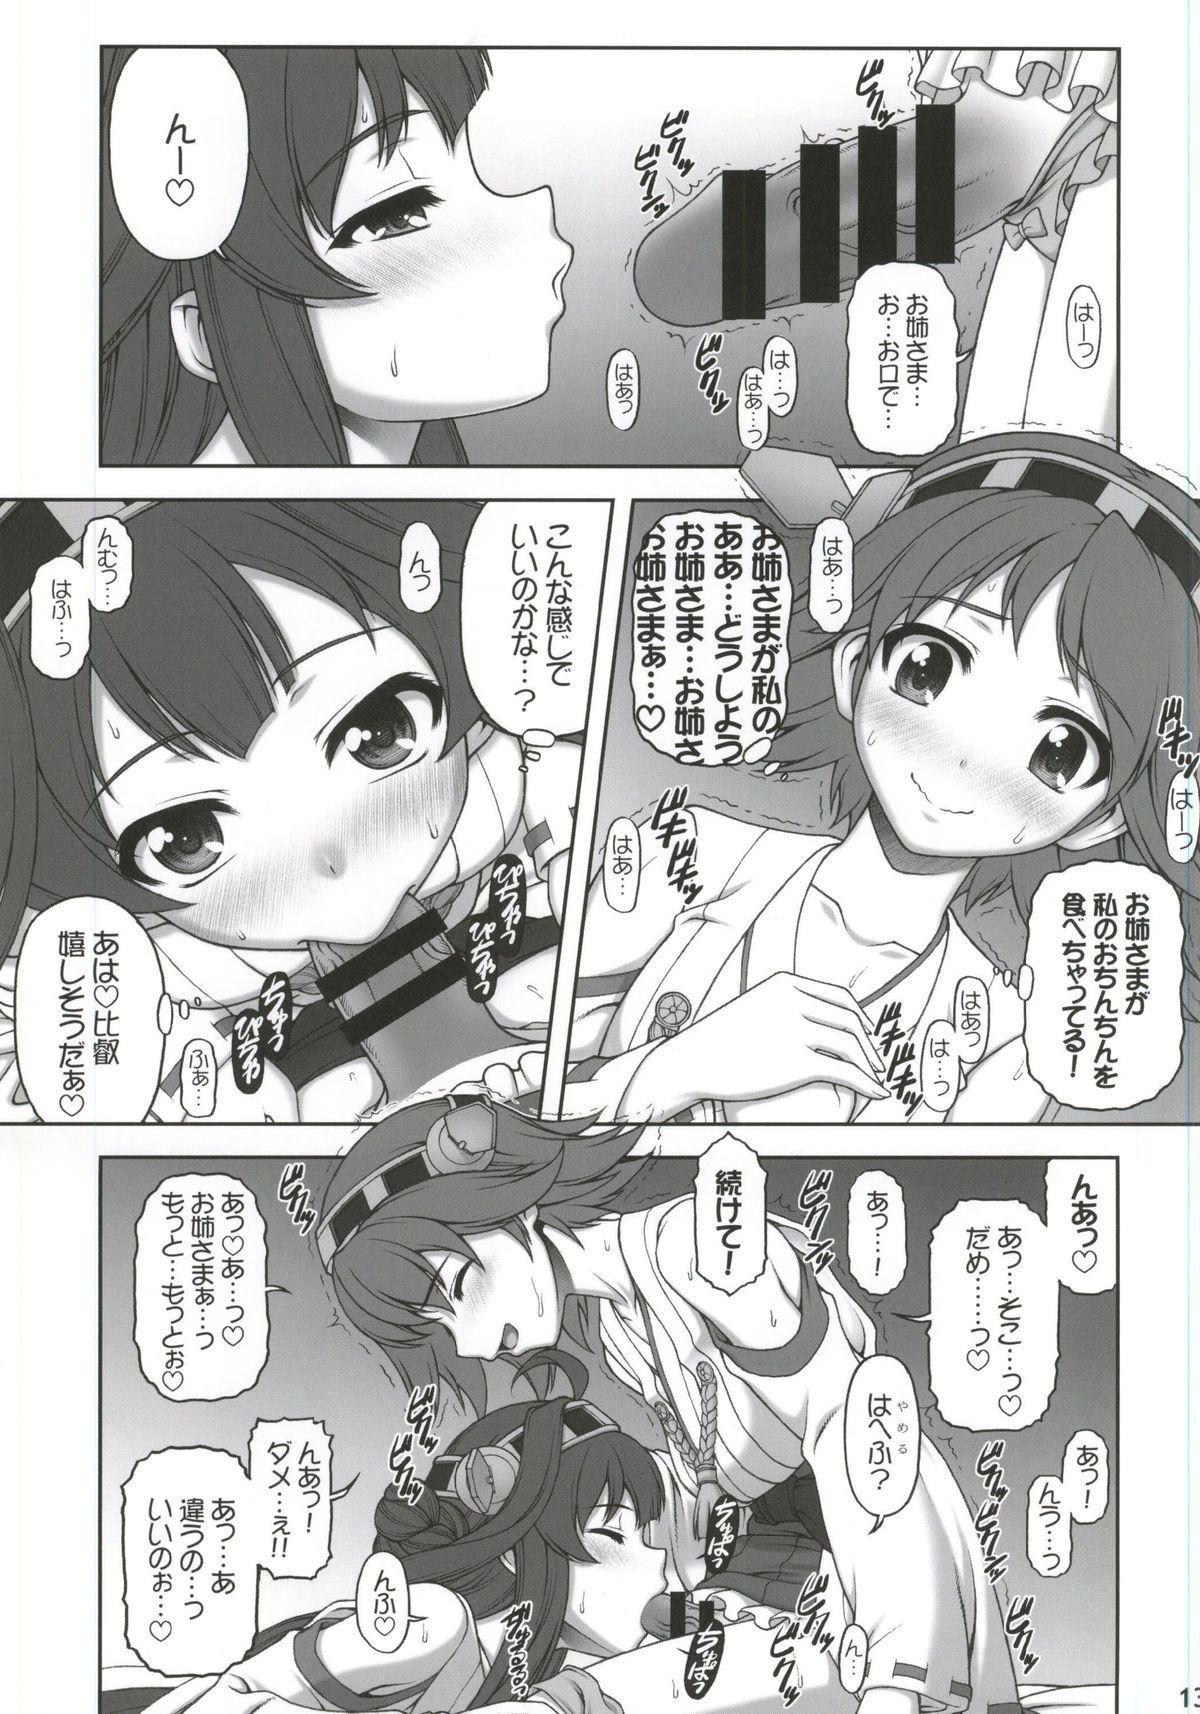 Suki Suki Daisuki Onee-sama! 9